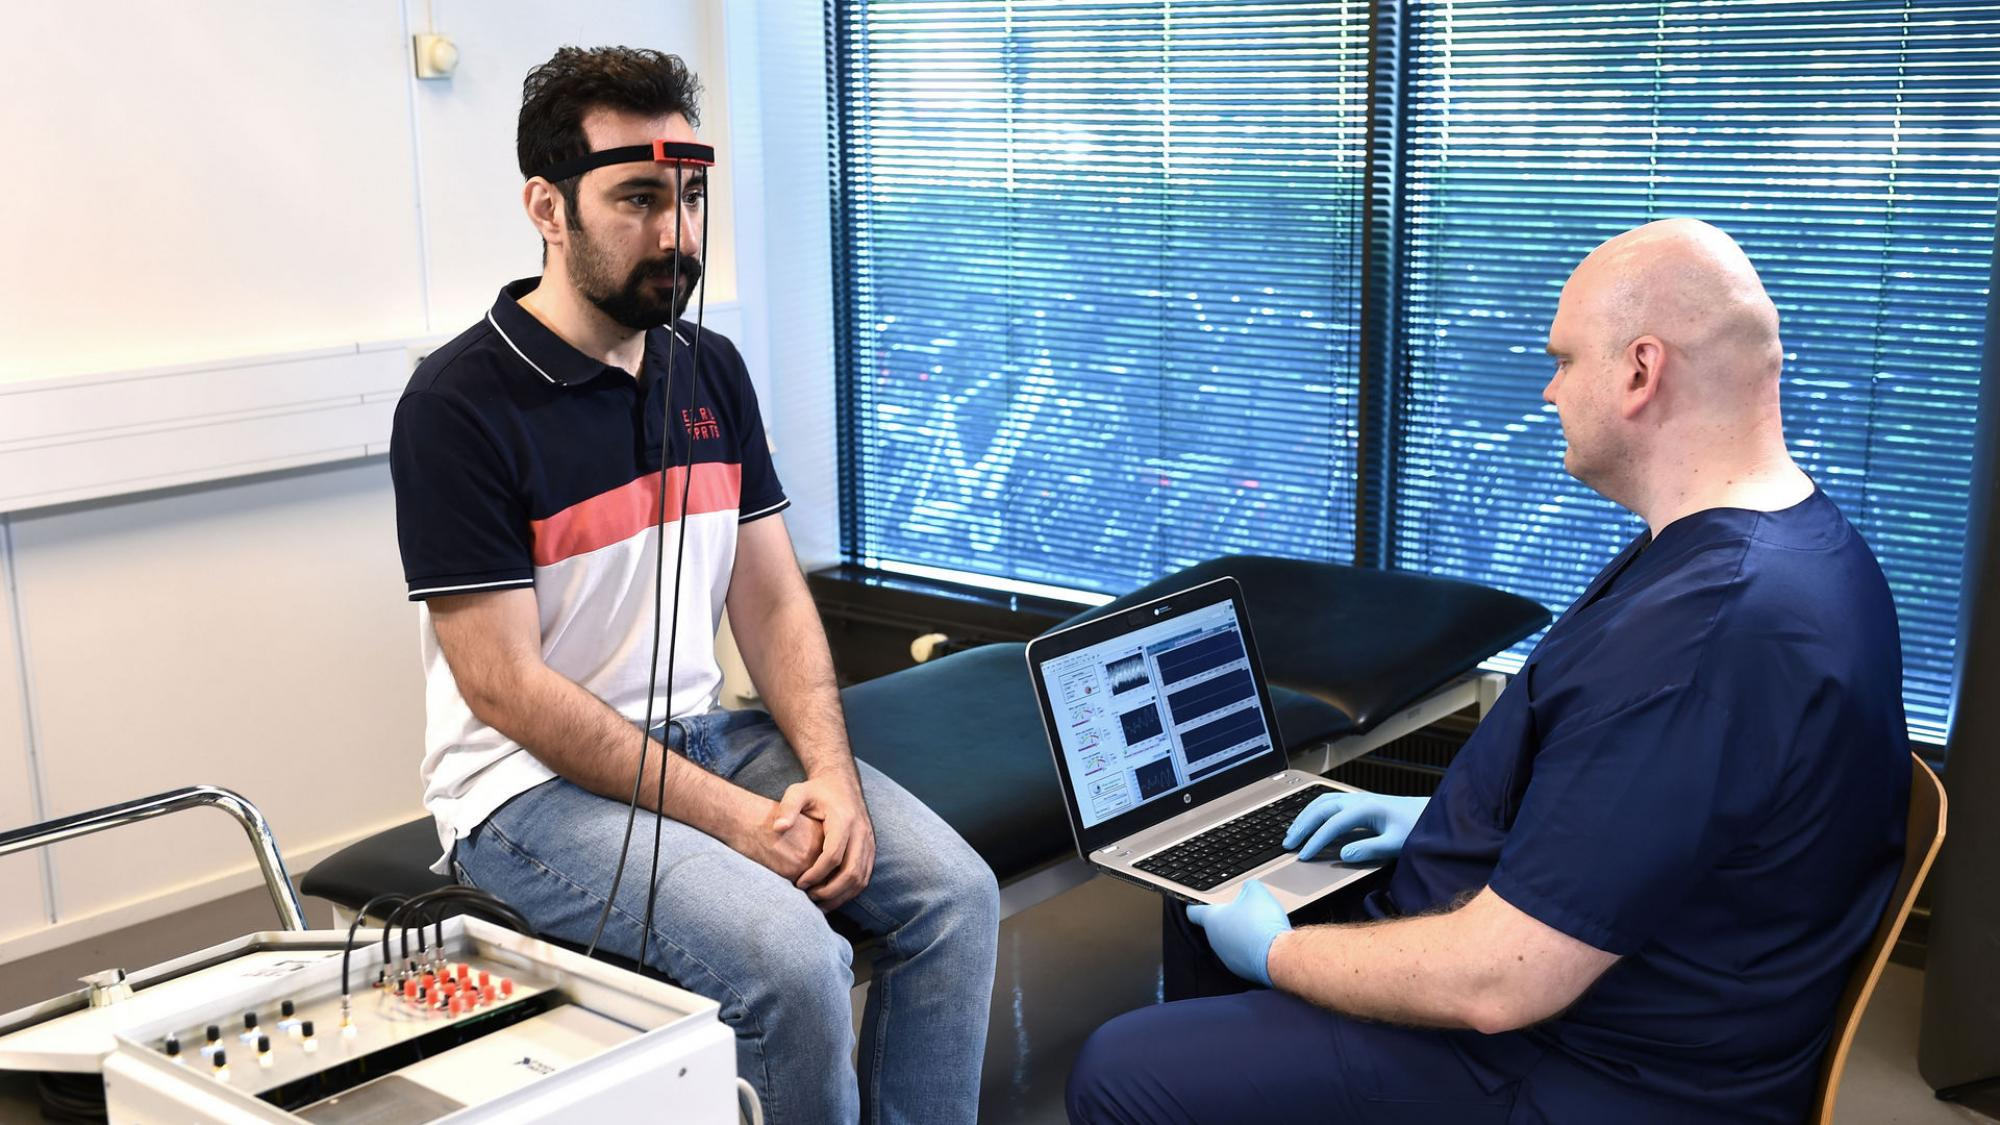 Toiminnallinen lähi-infrapuna spektroskopia (NIRS) on optinen mittaustekniikka, jolla mitataan aivokuoren aivoverenkiertoa.